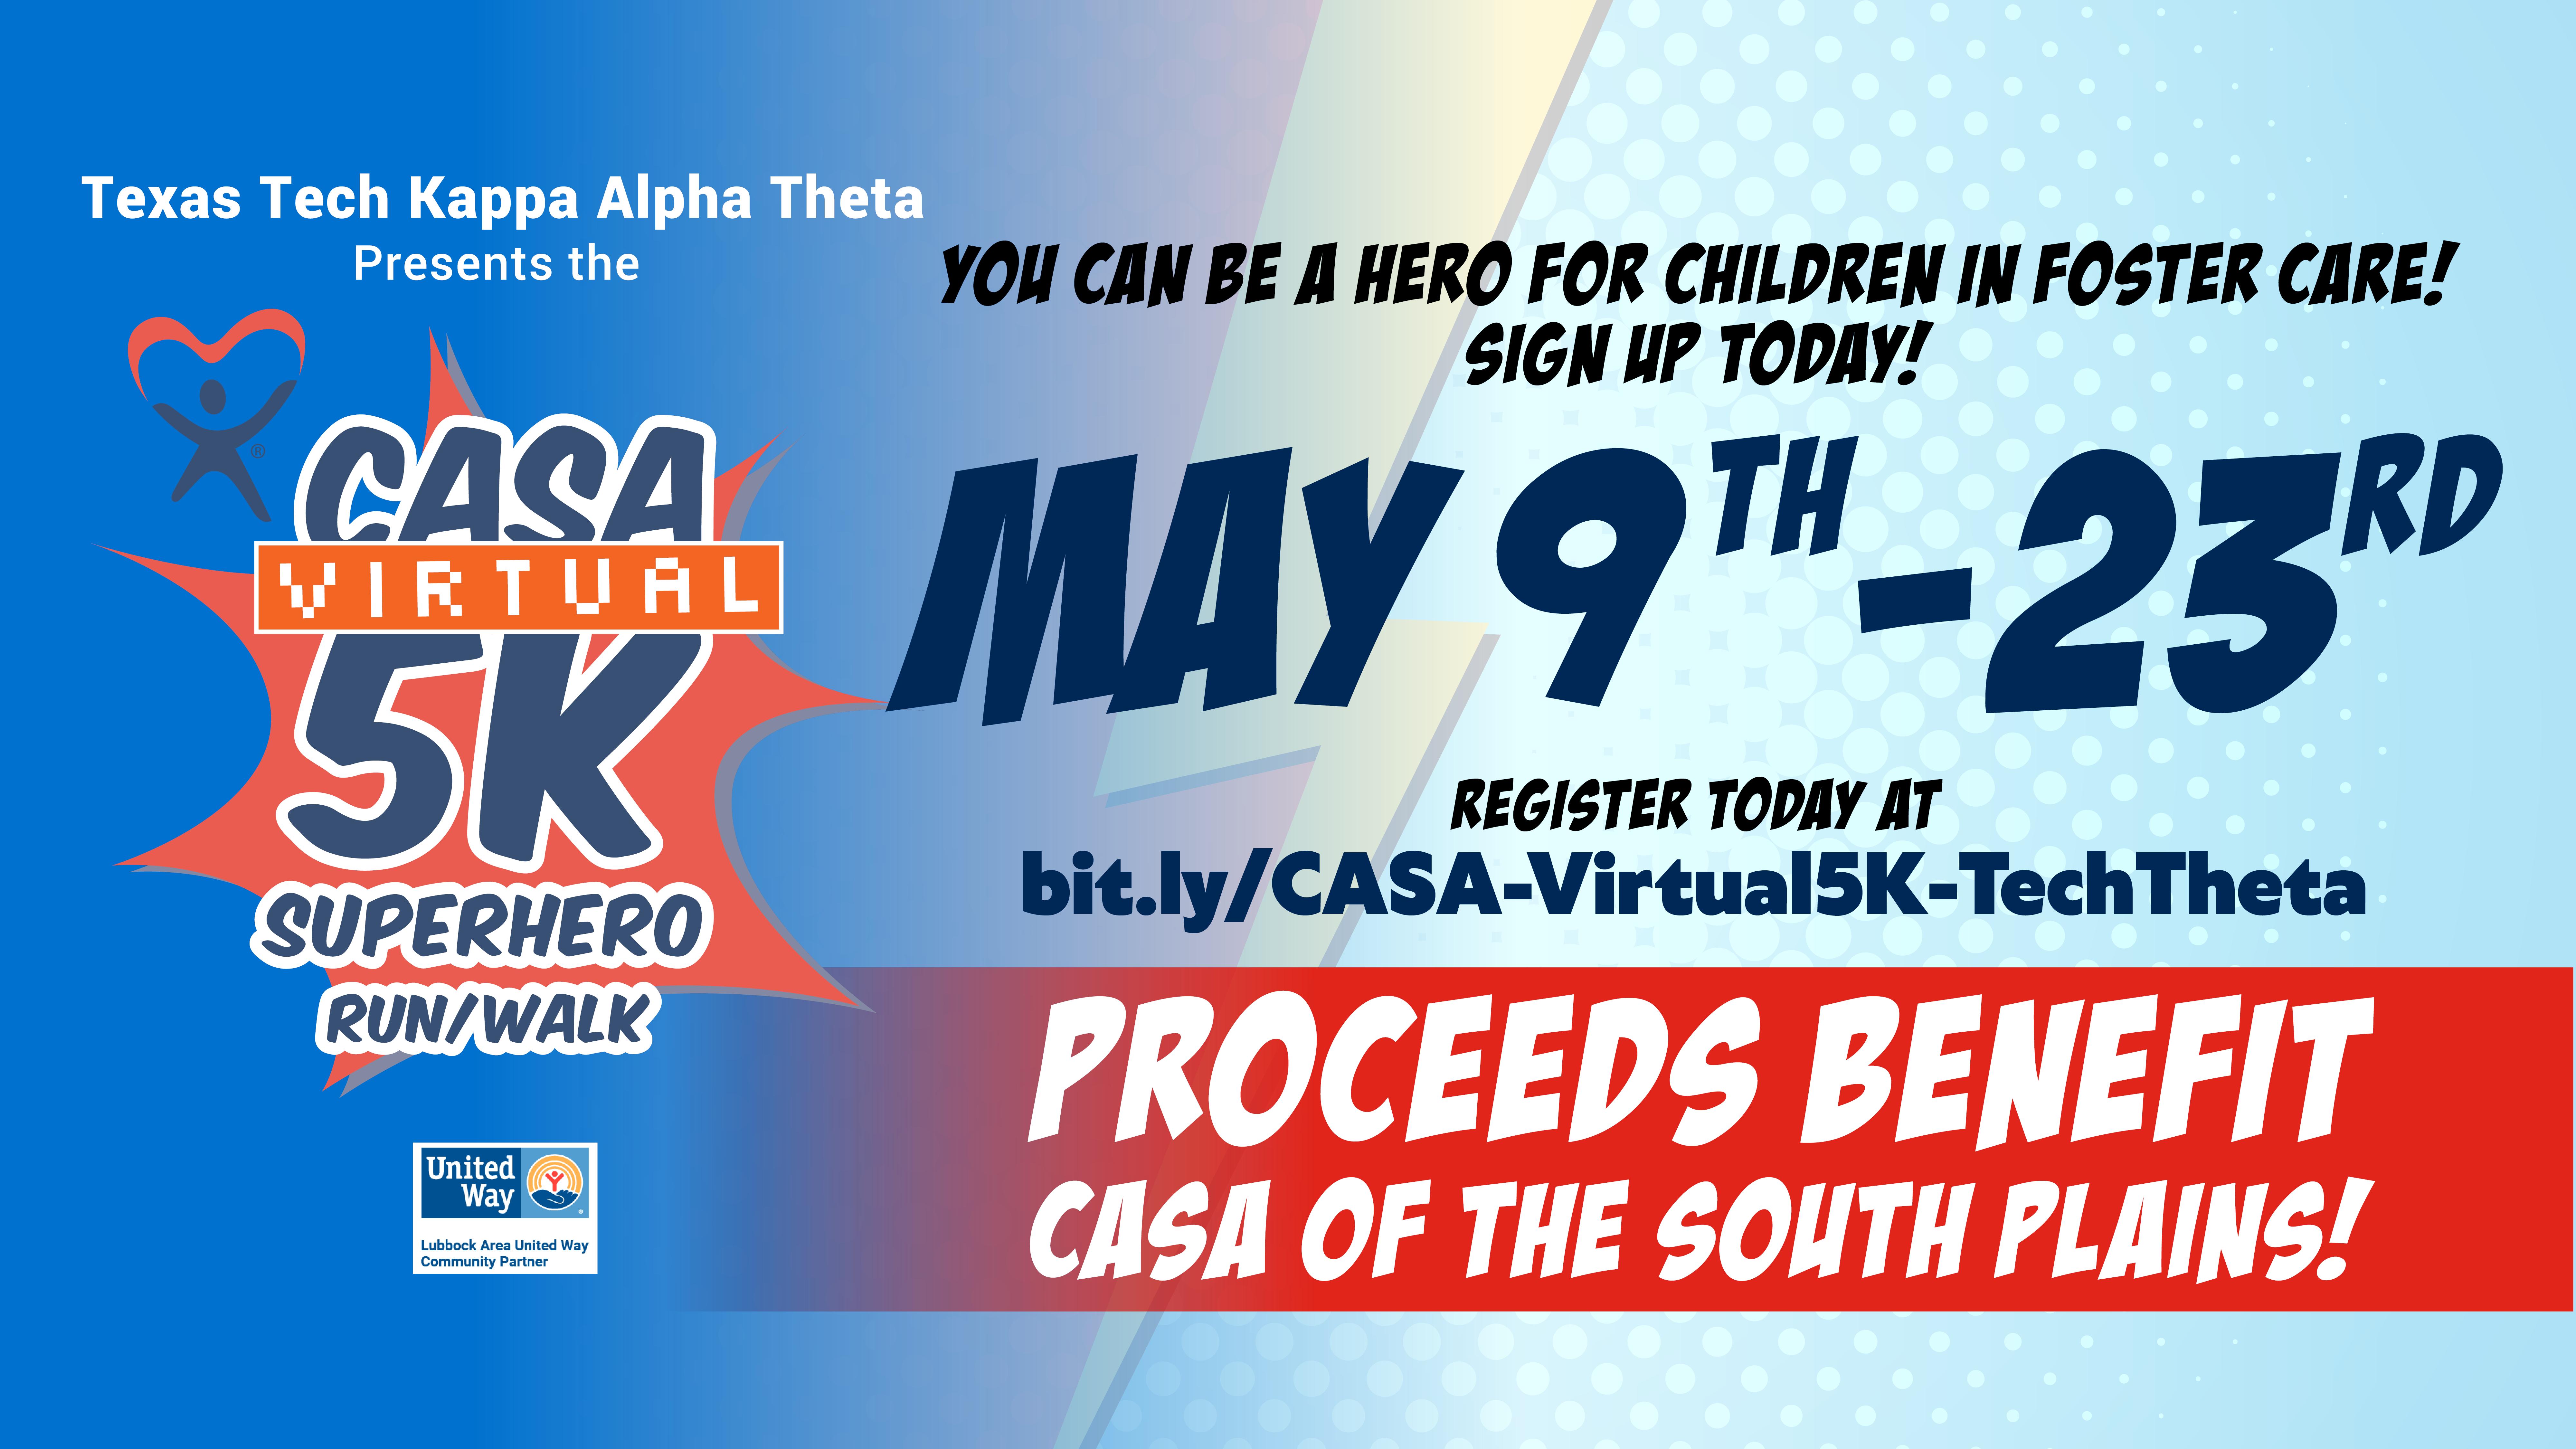 CASA Virtual 5K Superhero Run/Walk